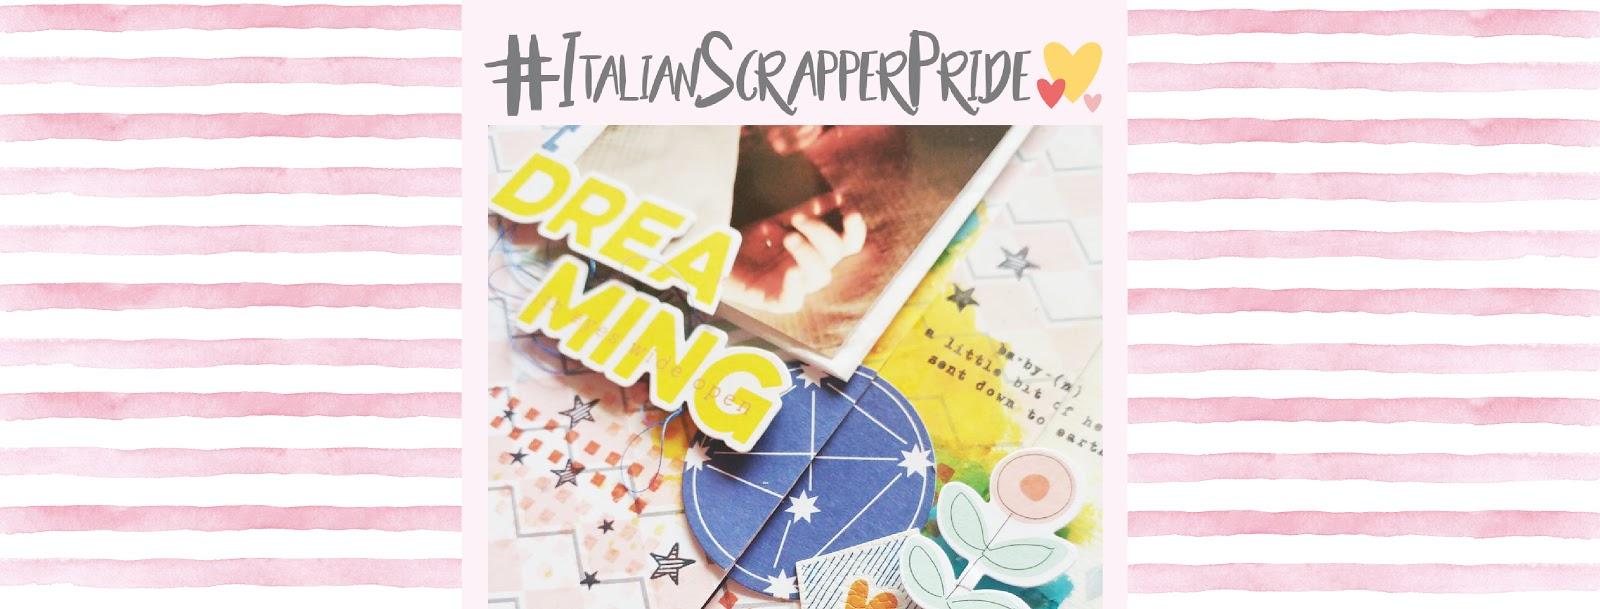 italian-scrapper-pride